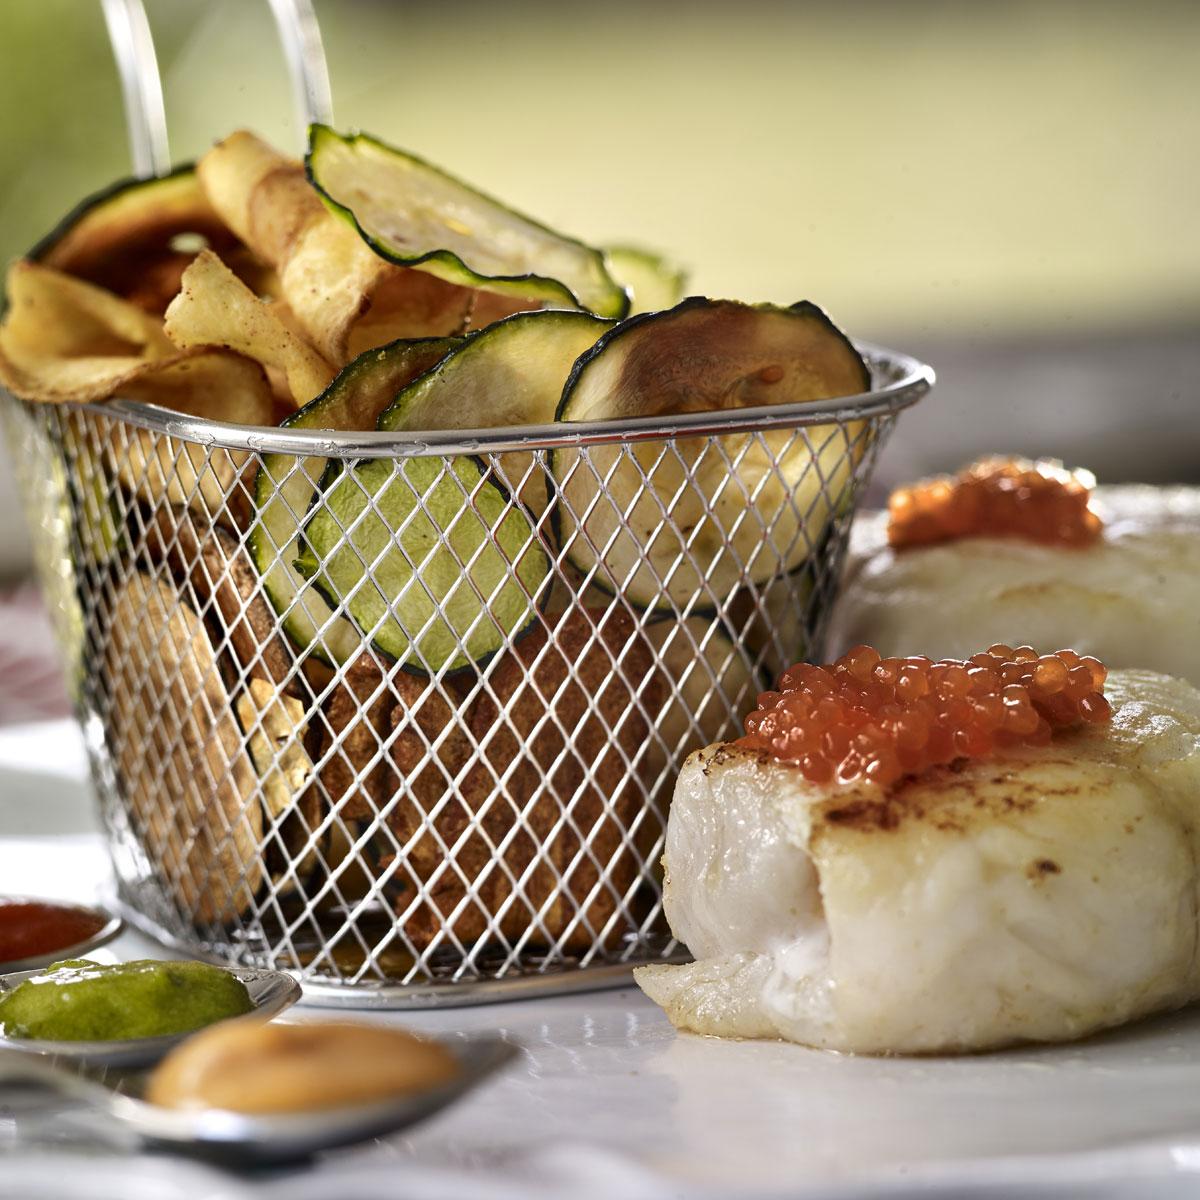 Recetas De Cocina Con Calabacin | Merluza Confitada Con Chips De Calabacin Escuela De Cocina Telva